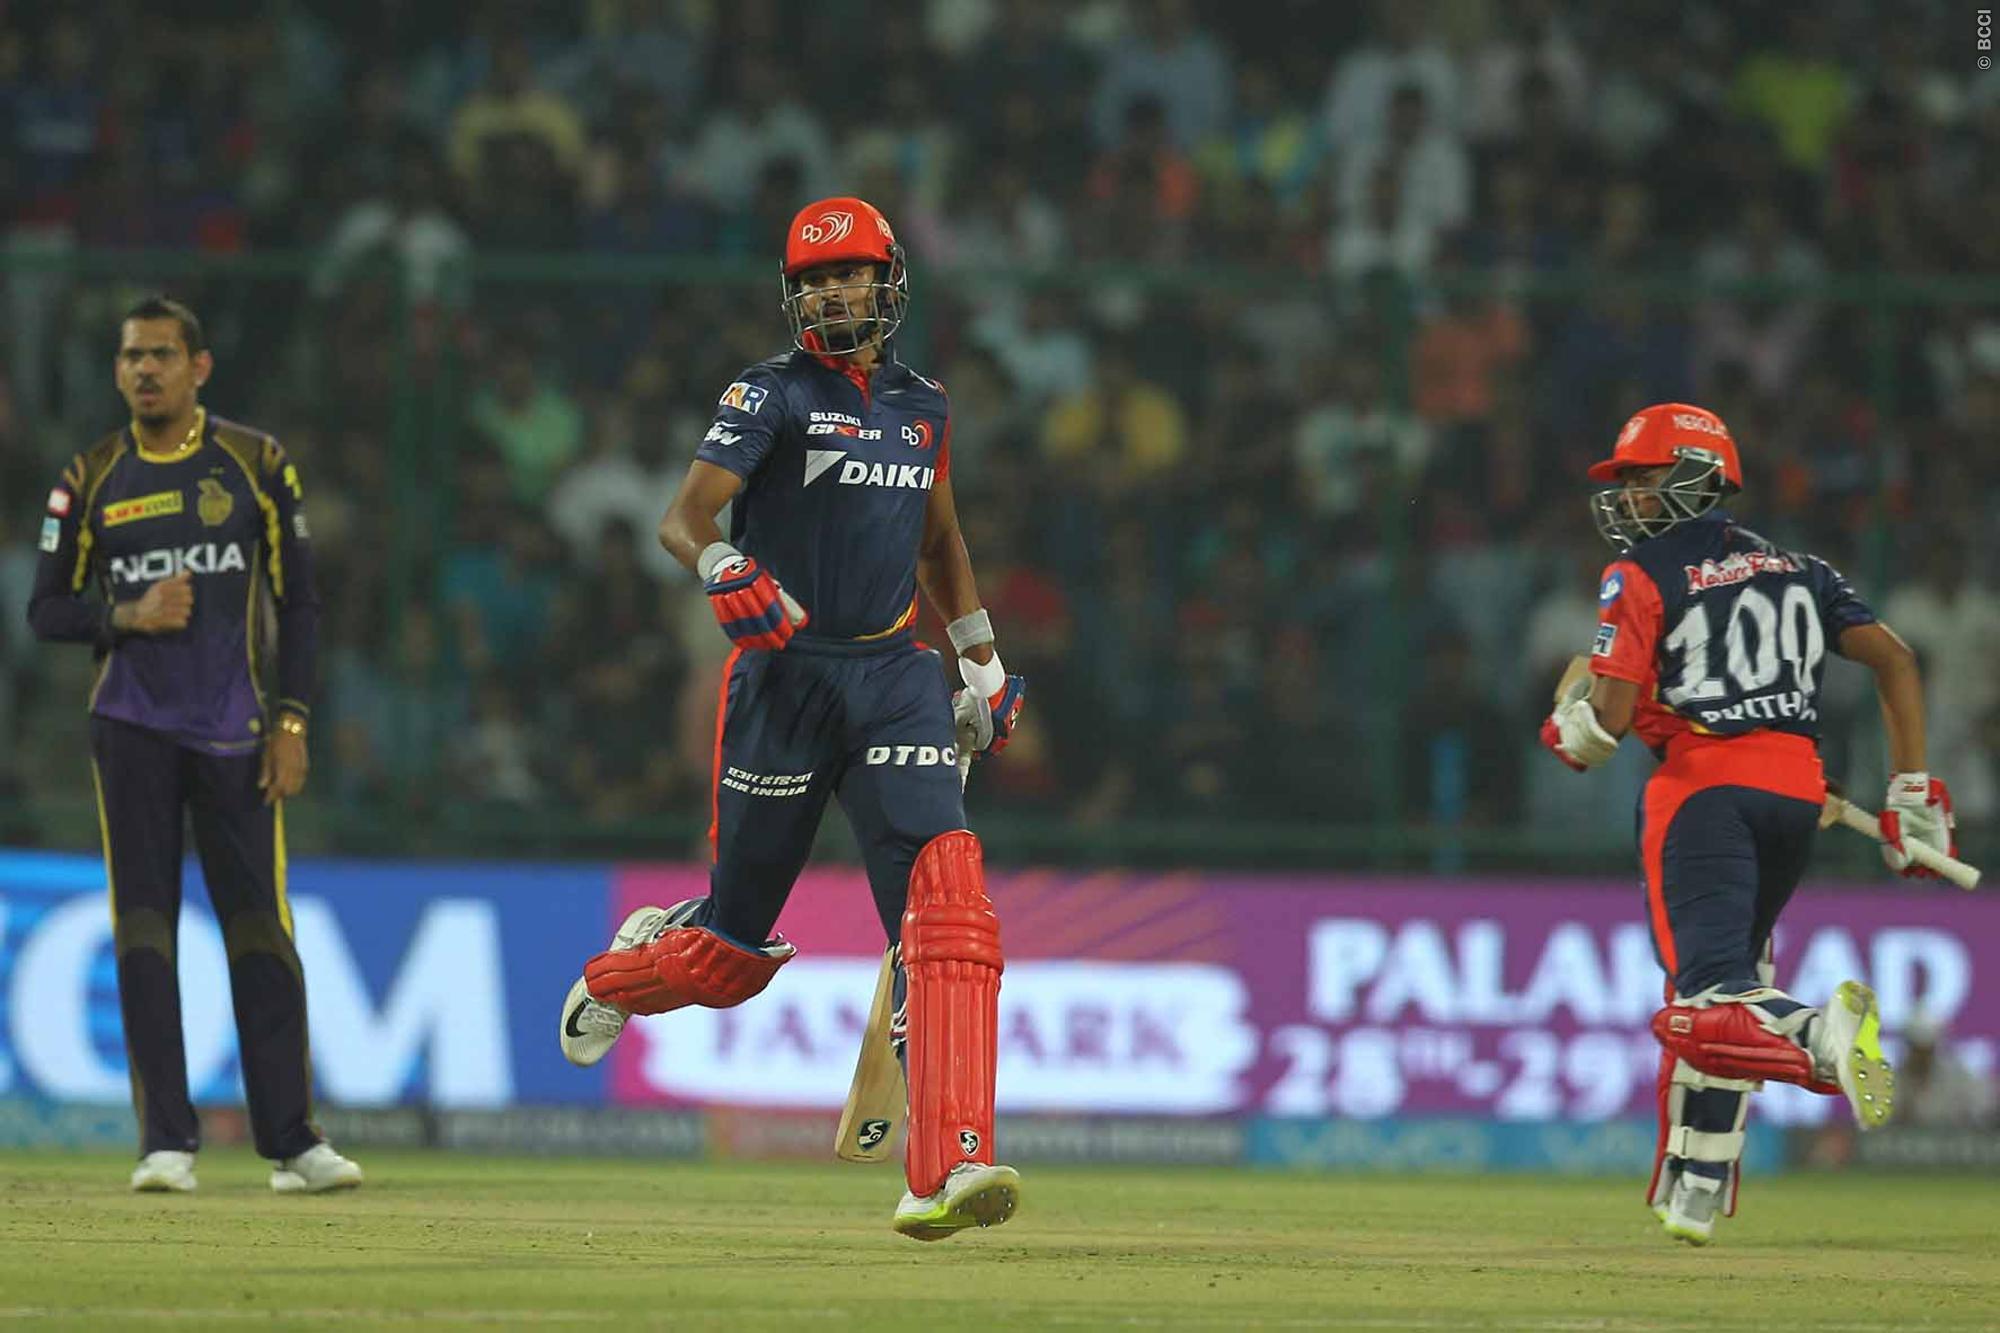 IPL 2018: मैन ऑफ़ द मैच लेते हुए कप्तान श्रेयस अय्यर ने कहा कुछ ऐसा भर आई लियाम प्लंकेट की आँखे 2